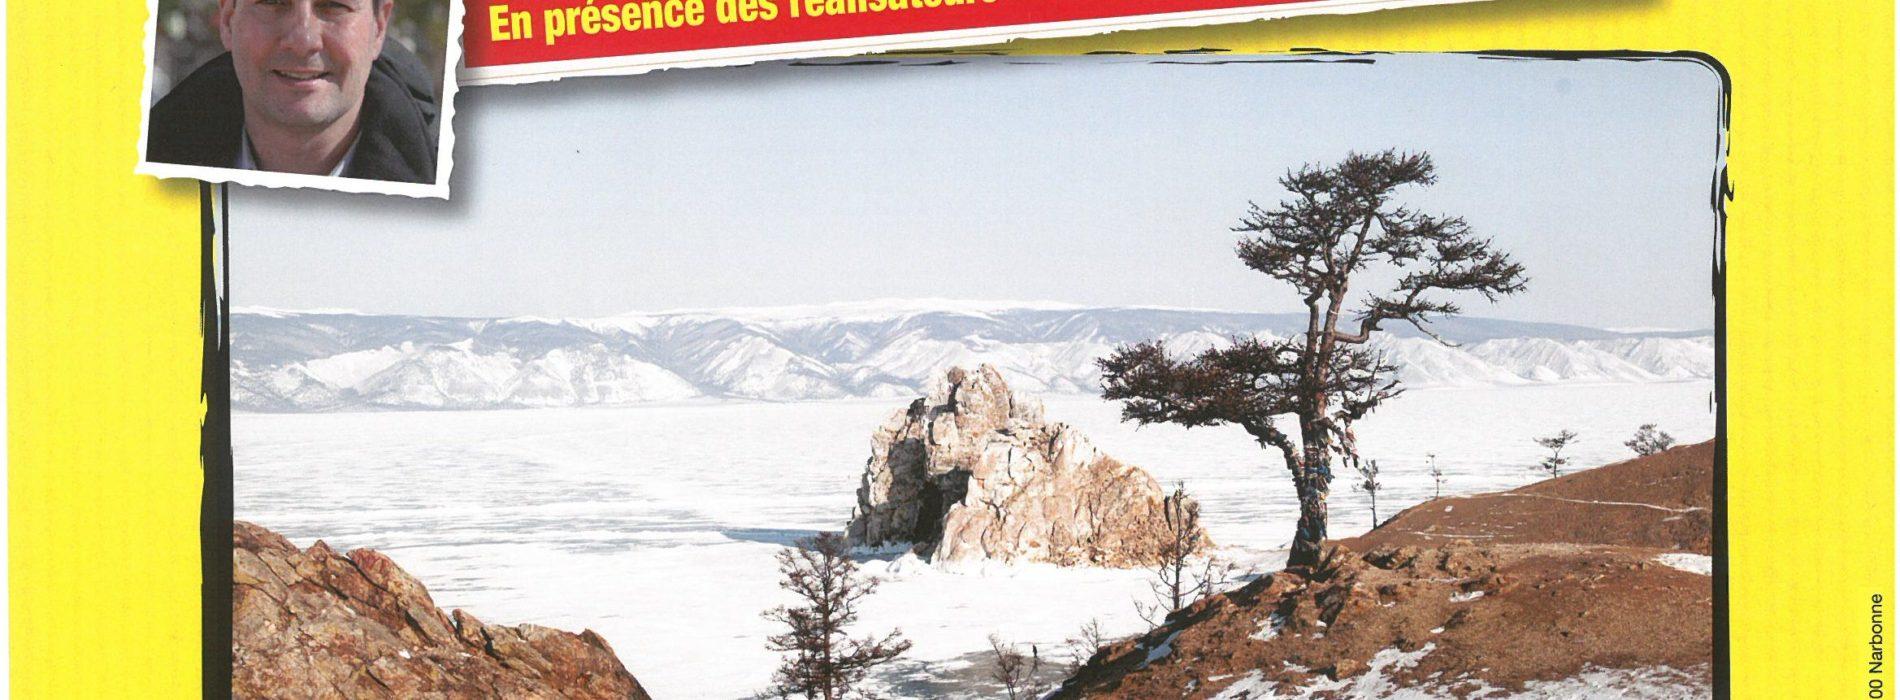 """CONFERENCE CONNAISSANCE DU MONDE LA RUSSIE """"LE LAC BAIKAL"""" SAMEDI 7 AVRIL A 15 H L'ECLAM"""